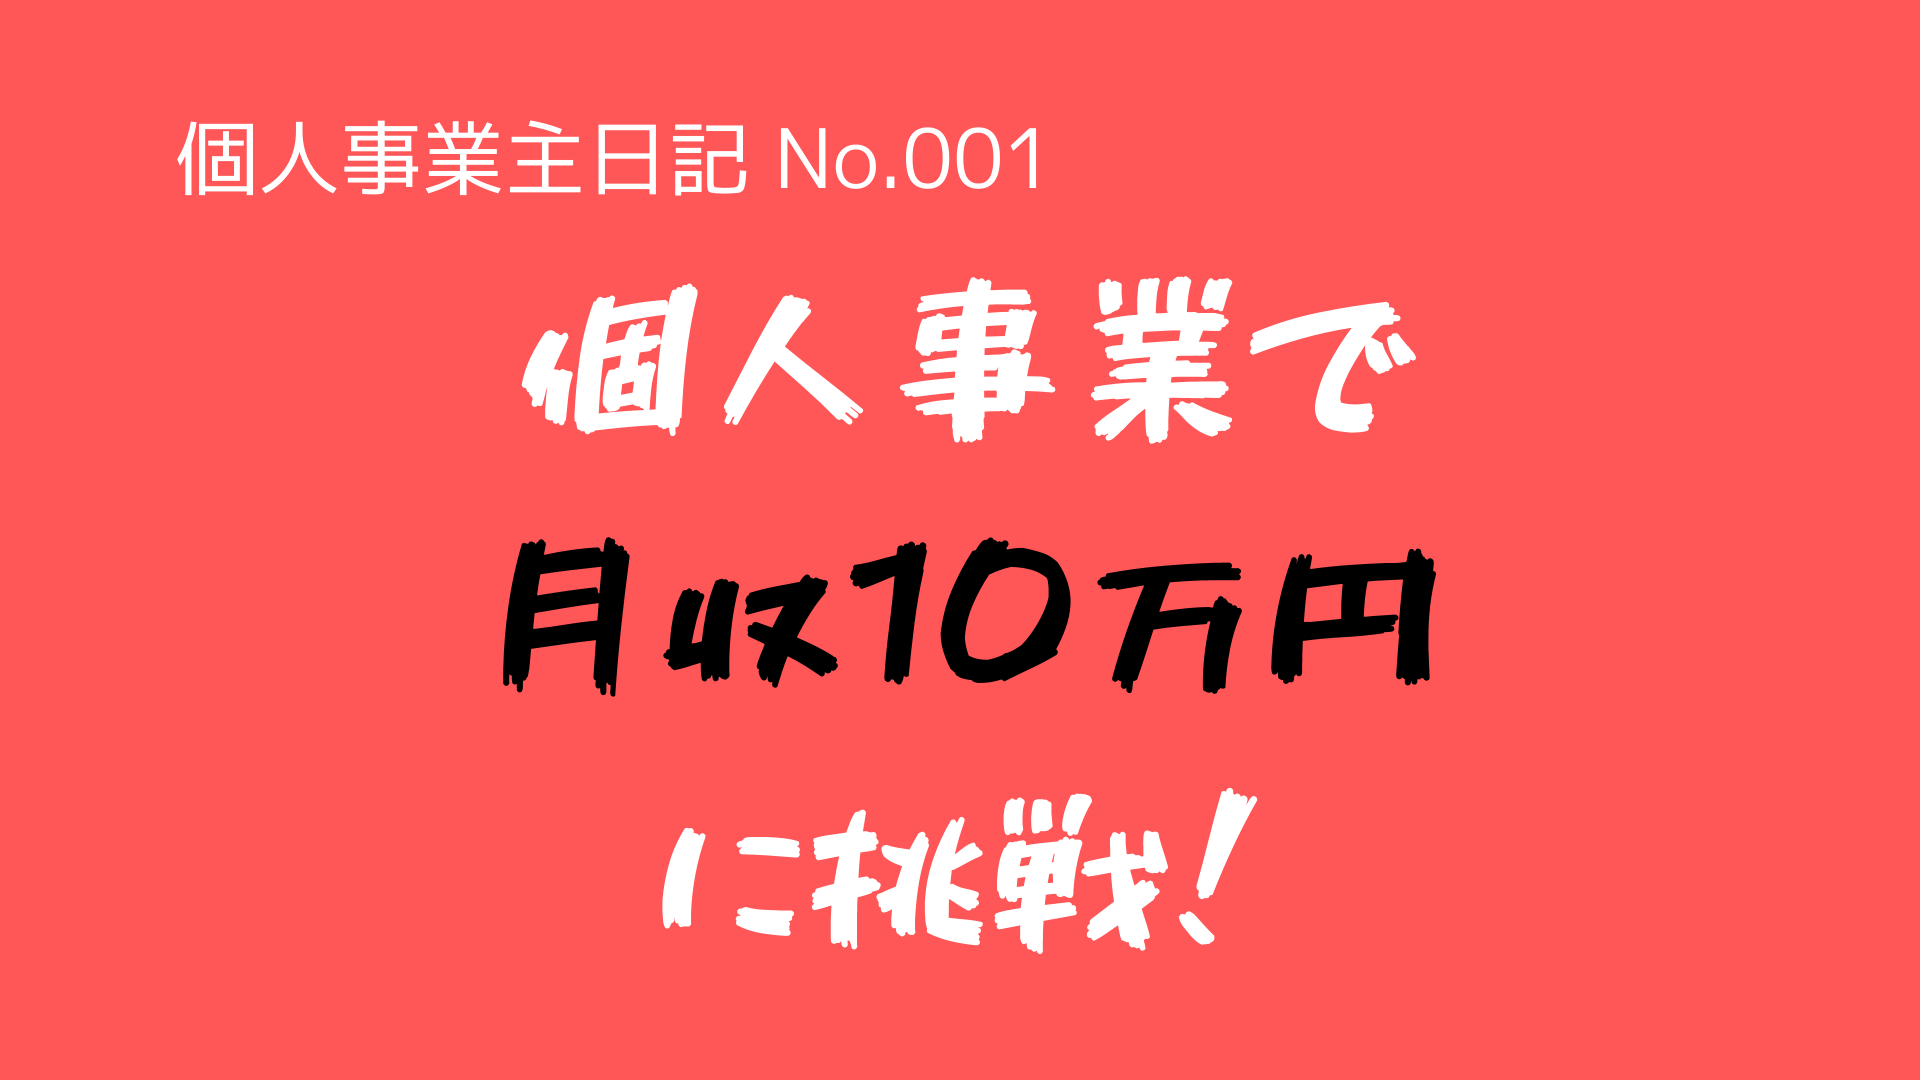 (個人事業主日記-No.001)個人事業で『月収10万円』に挑戦します!